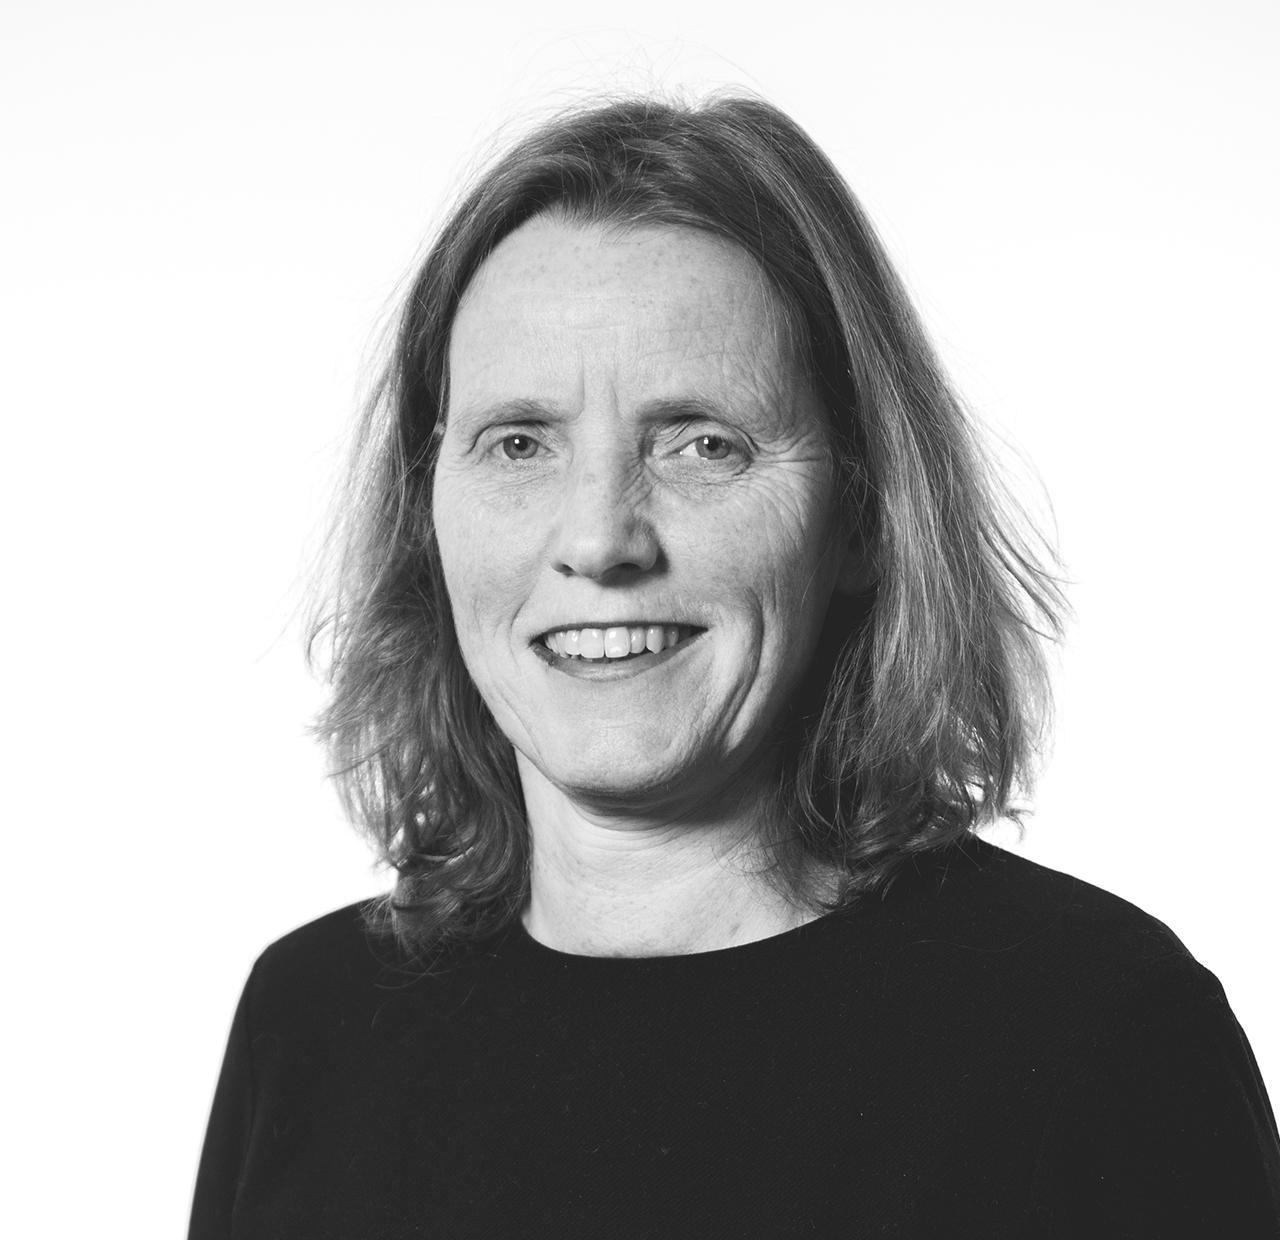 Hanne Gjermo